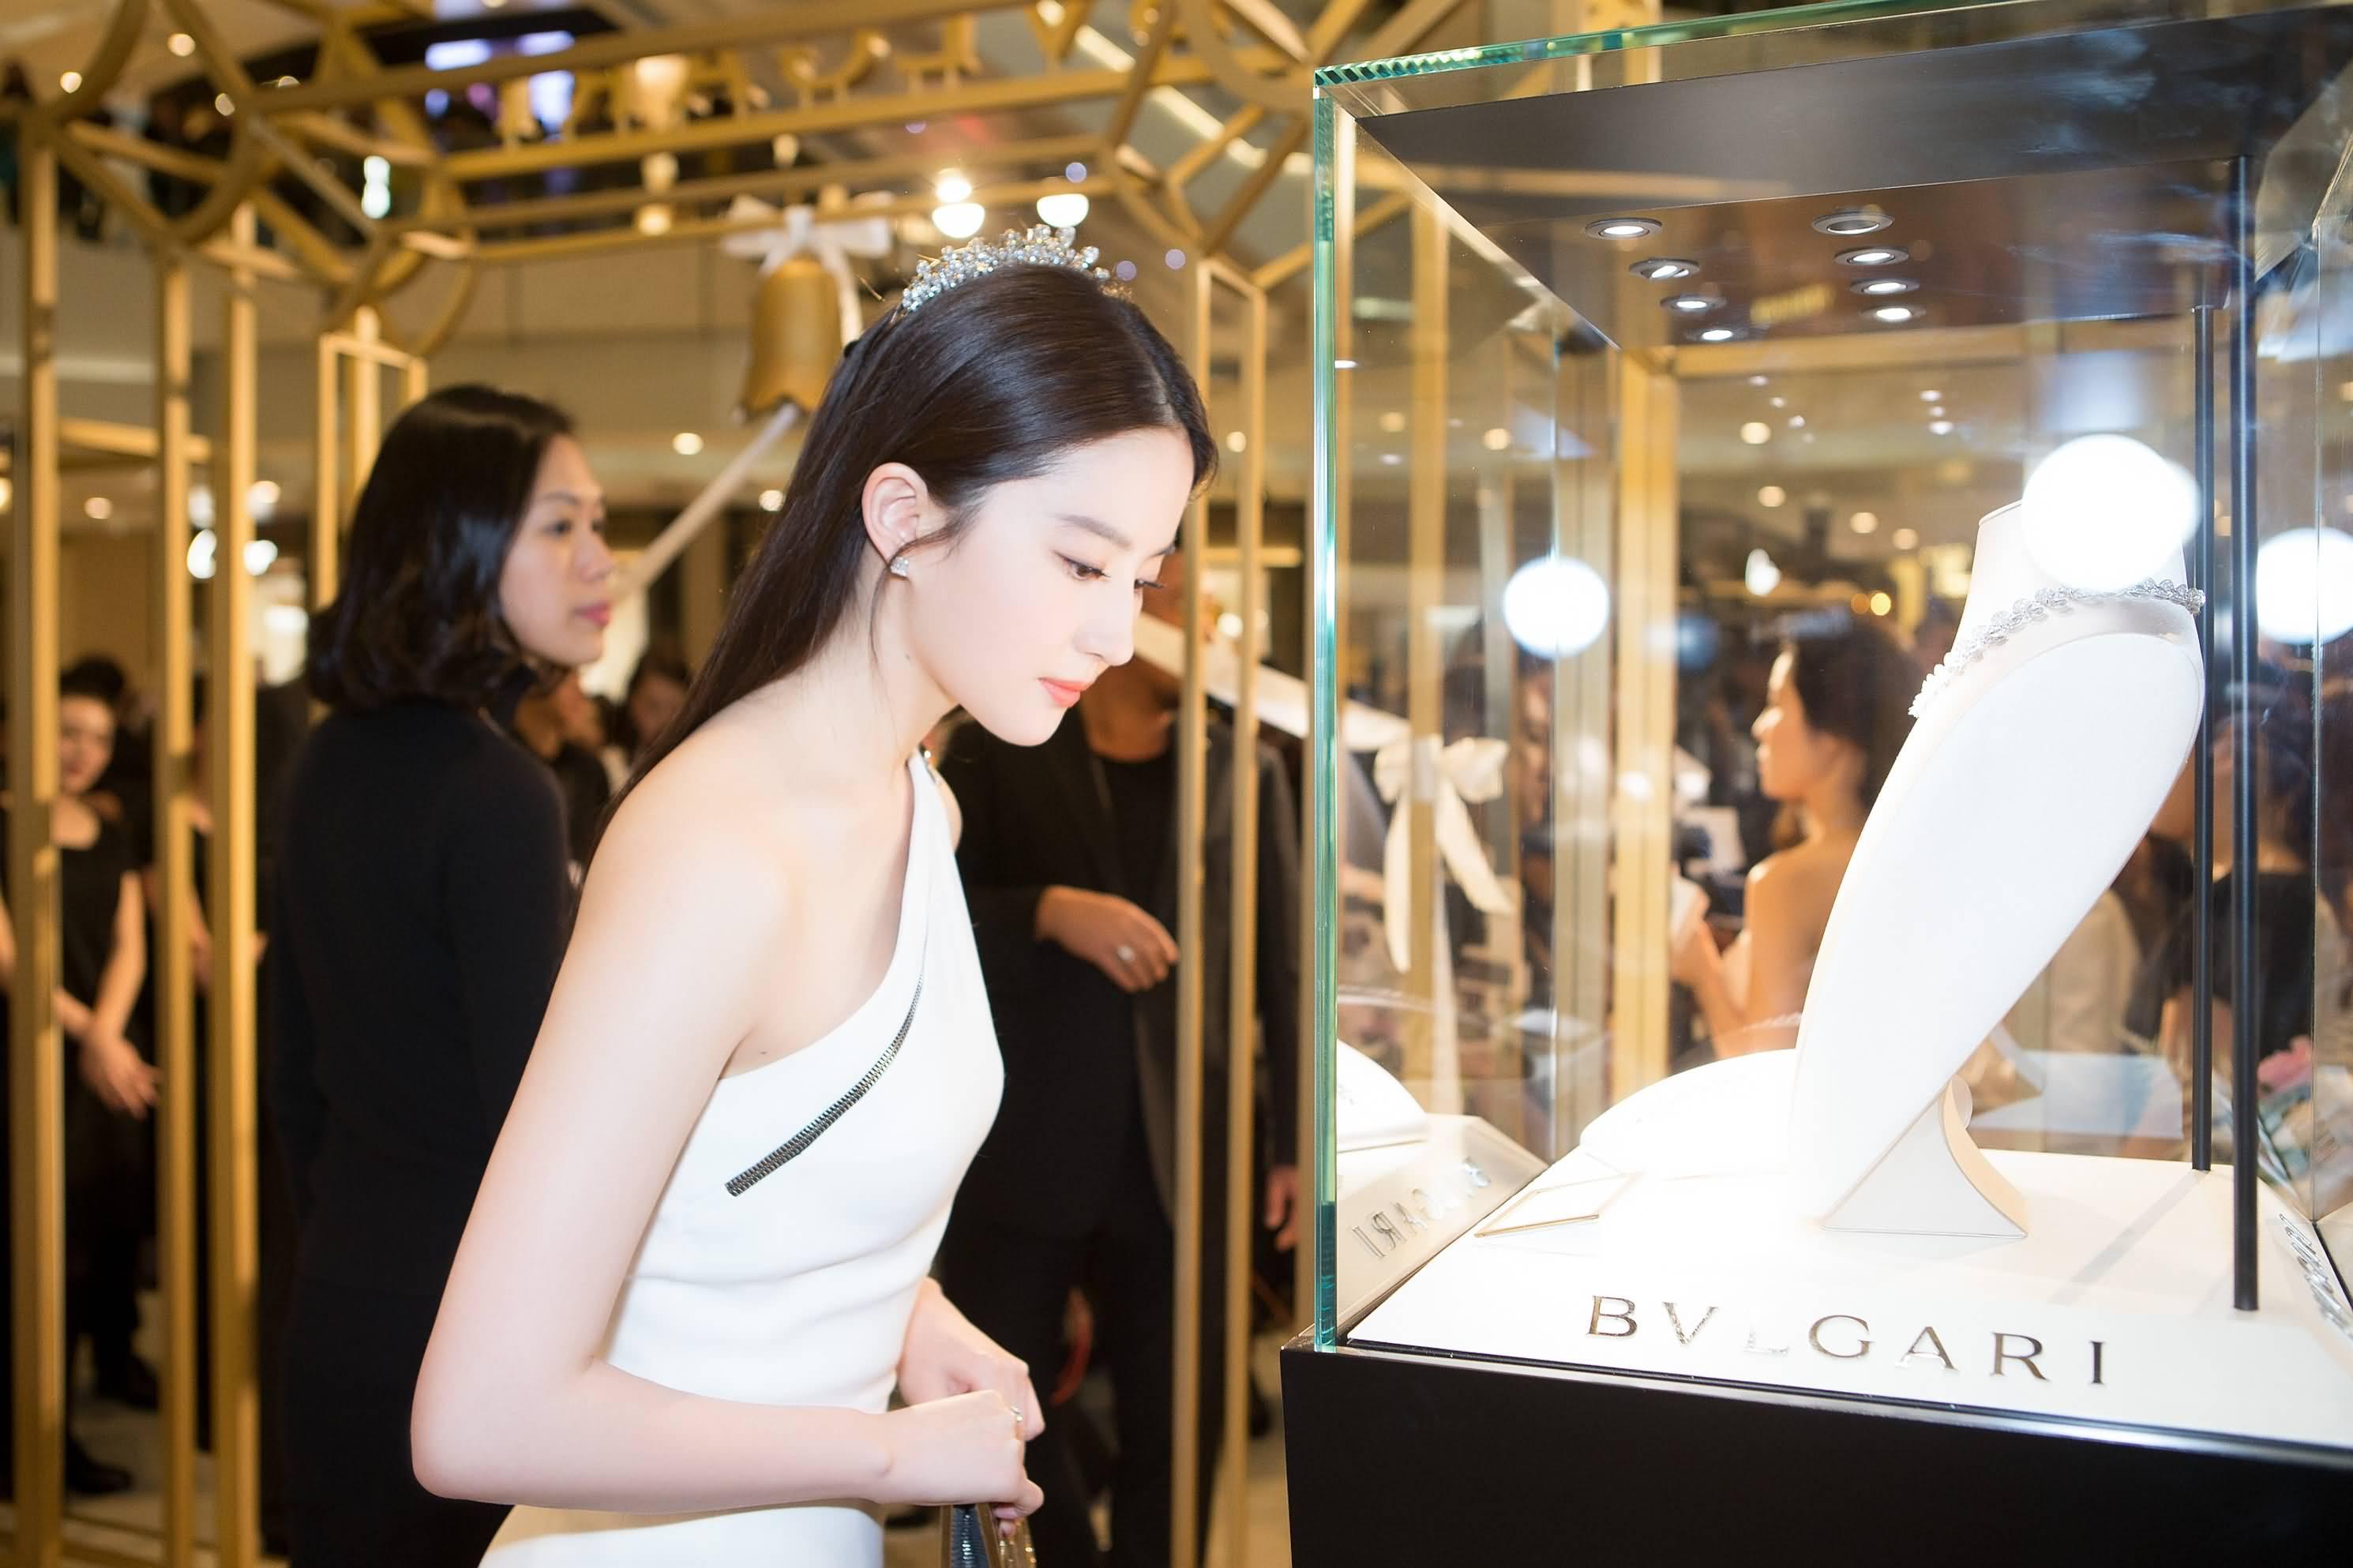 优雅现身出席[宝格丽]上海新品活动现场高清美图